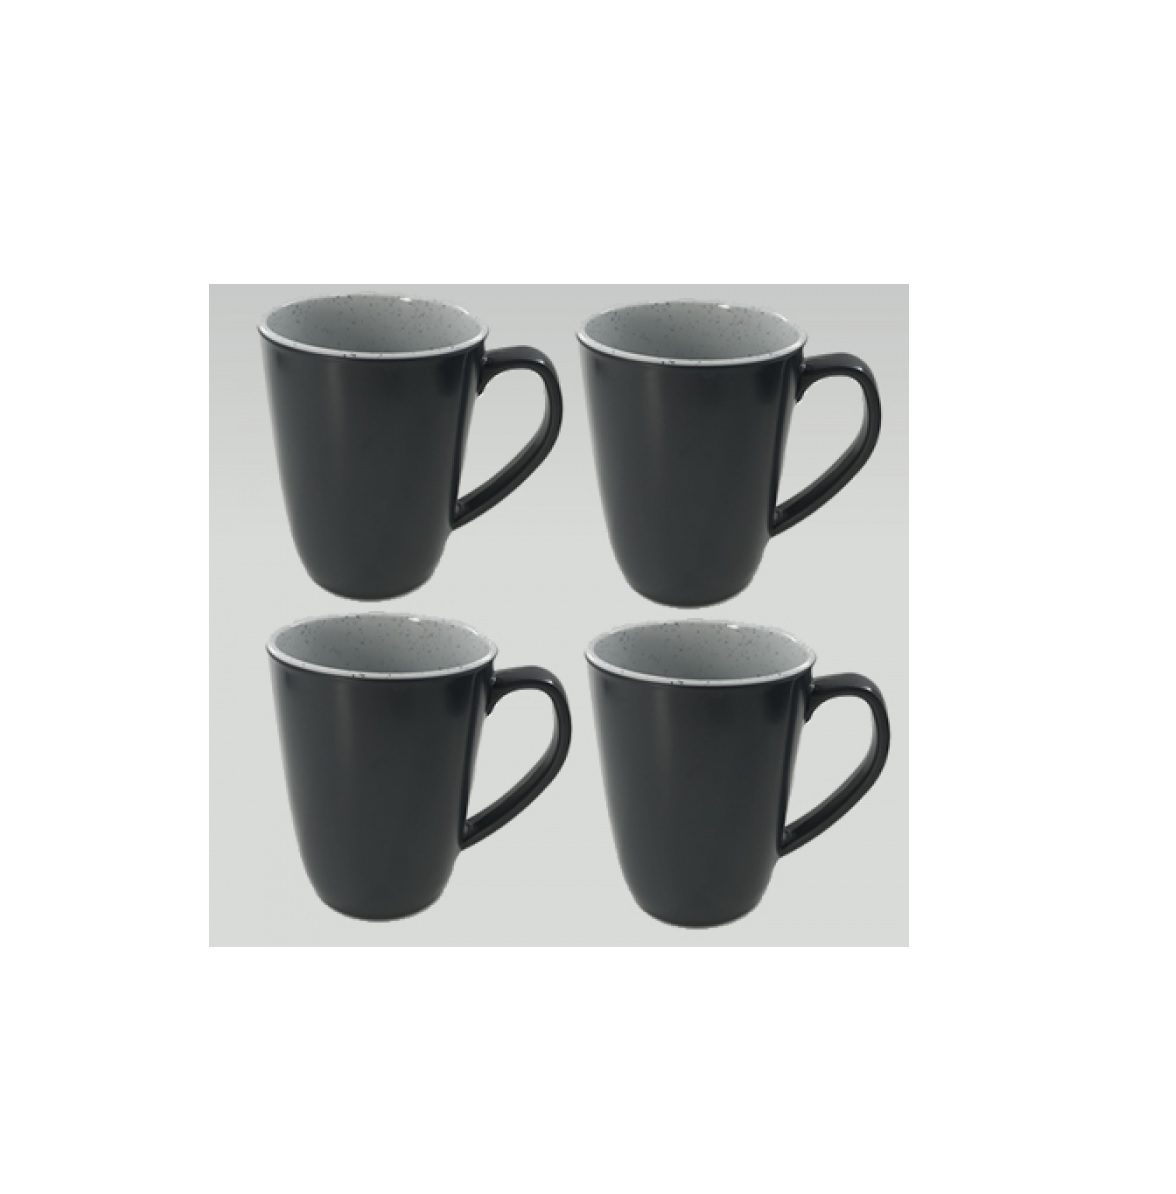 Flamefield 4 pack mug set granite grey